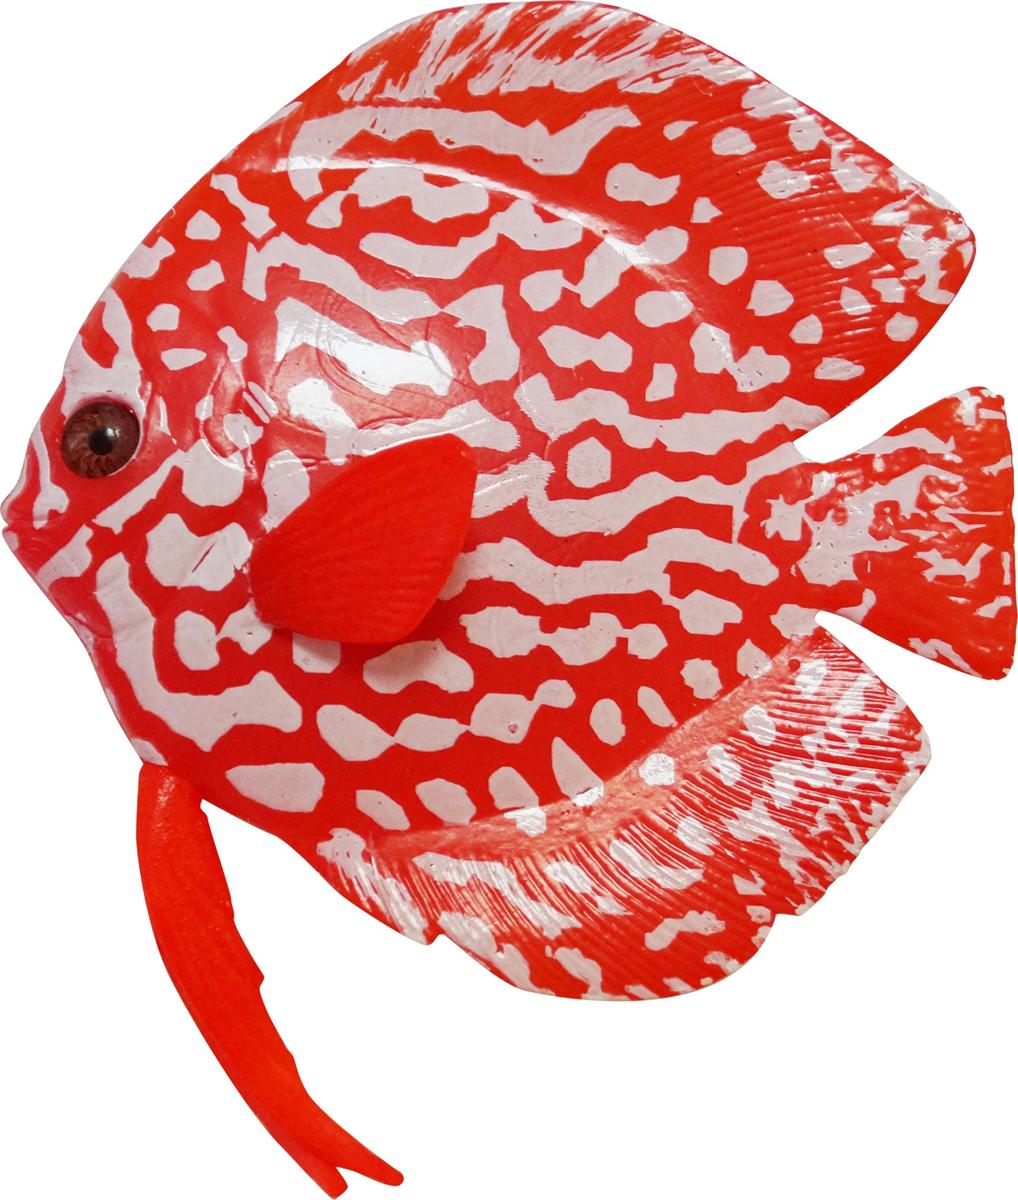 Декорация для аквариума Jelly-Fish Рыба Диск, силиконовая, светящаяся, 16 х 13 х 2,2 см декорация для аквариума jelly fish коралл светящаяся силиконовая цвет разноцветный 8 5 х 7 х 9 5 см